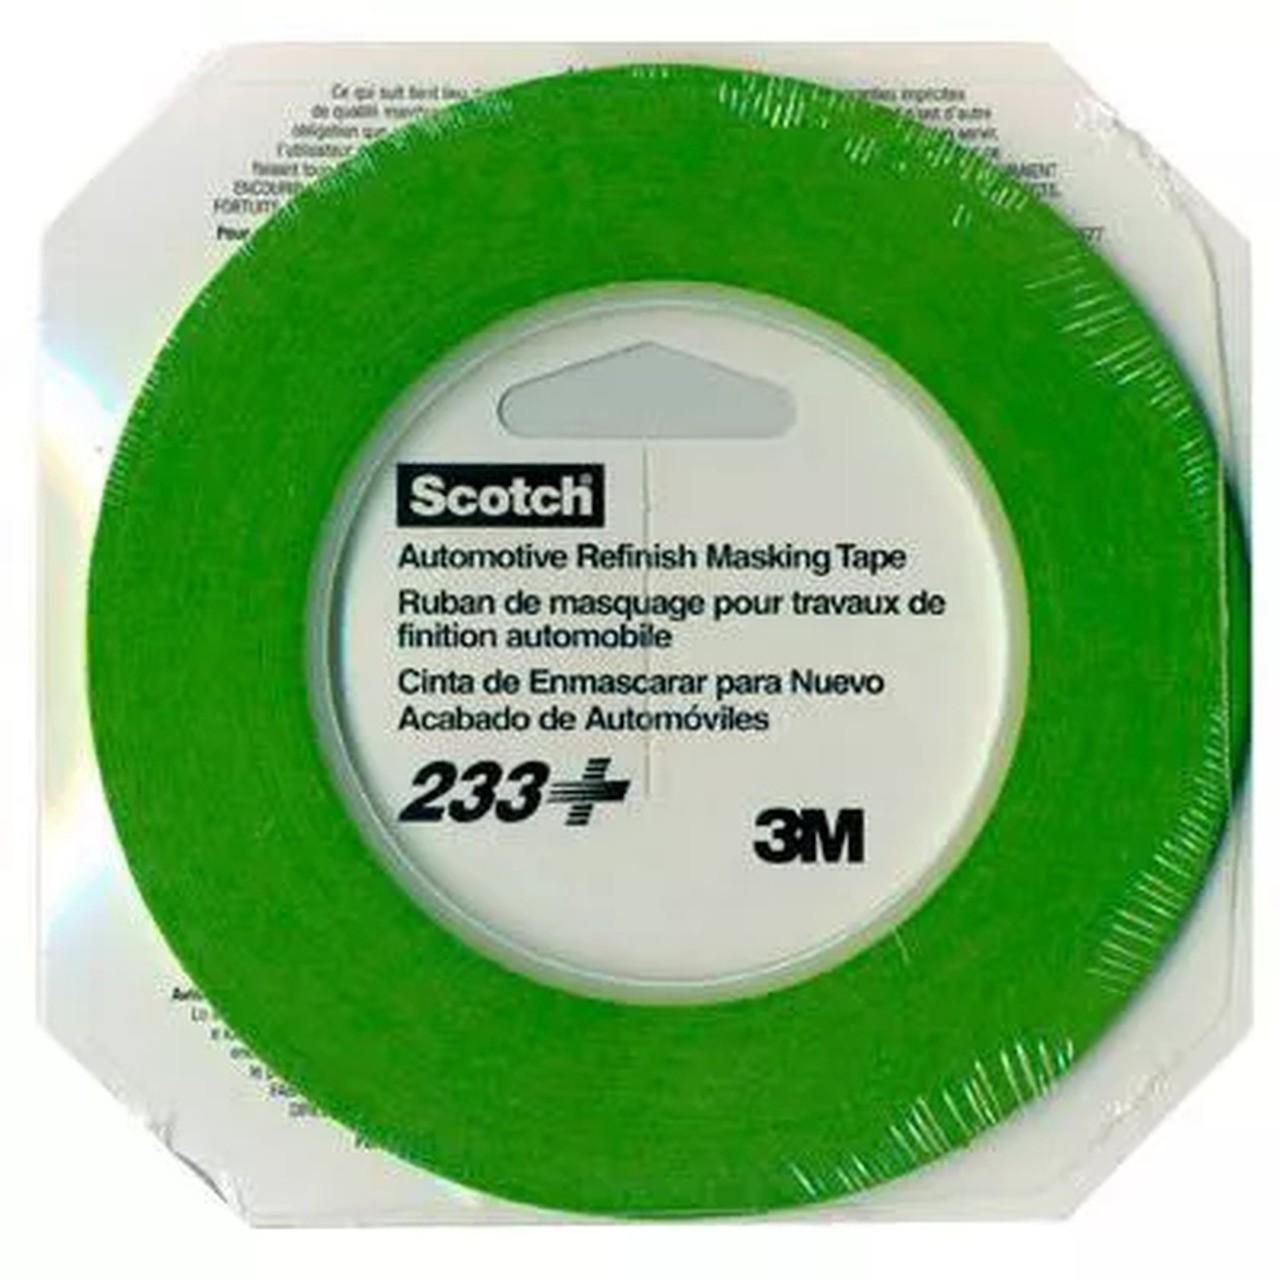 FITA 233+ SCOTCH 3MMX55M